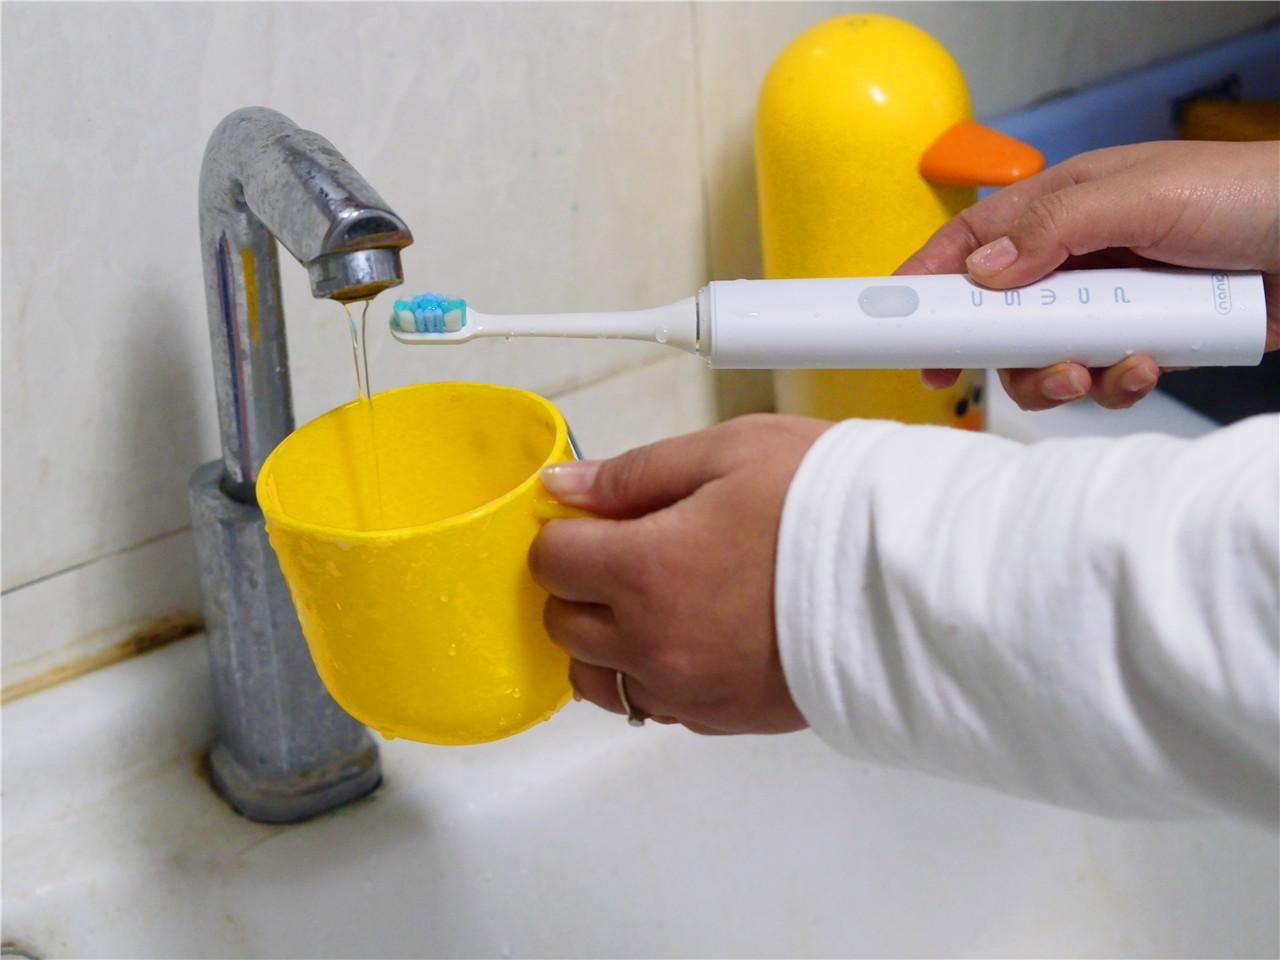 南卡声波电动牙刷利用磁悬浮声波清洁效率加倍